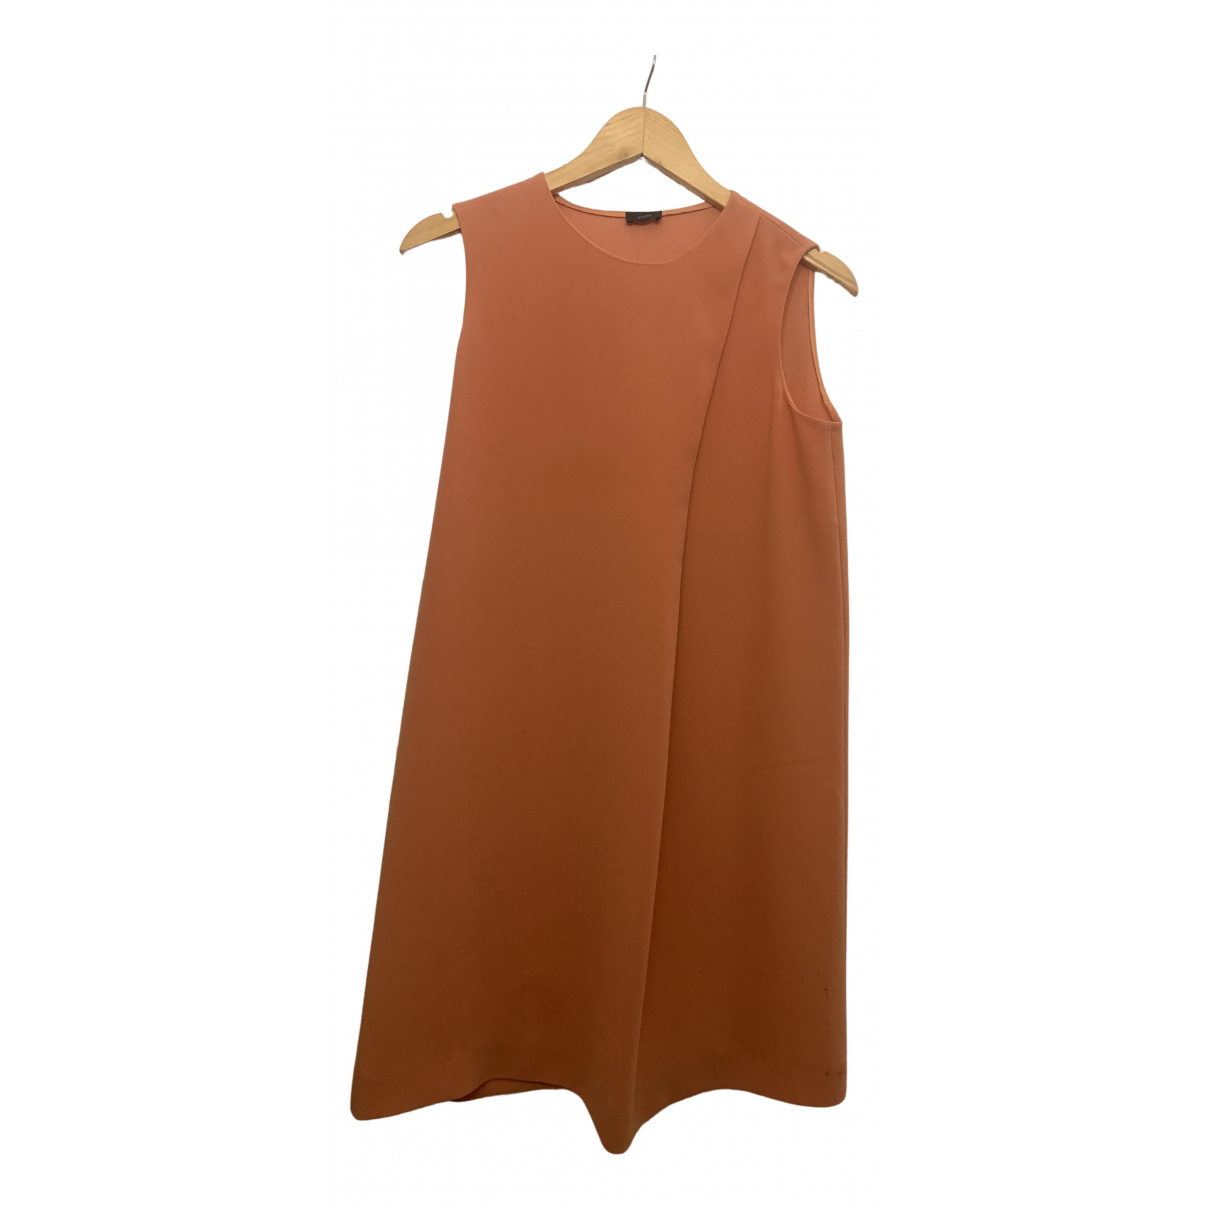 Joseph \N Kleid in  Beige Polyester